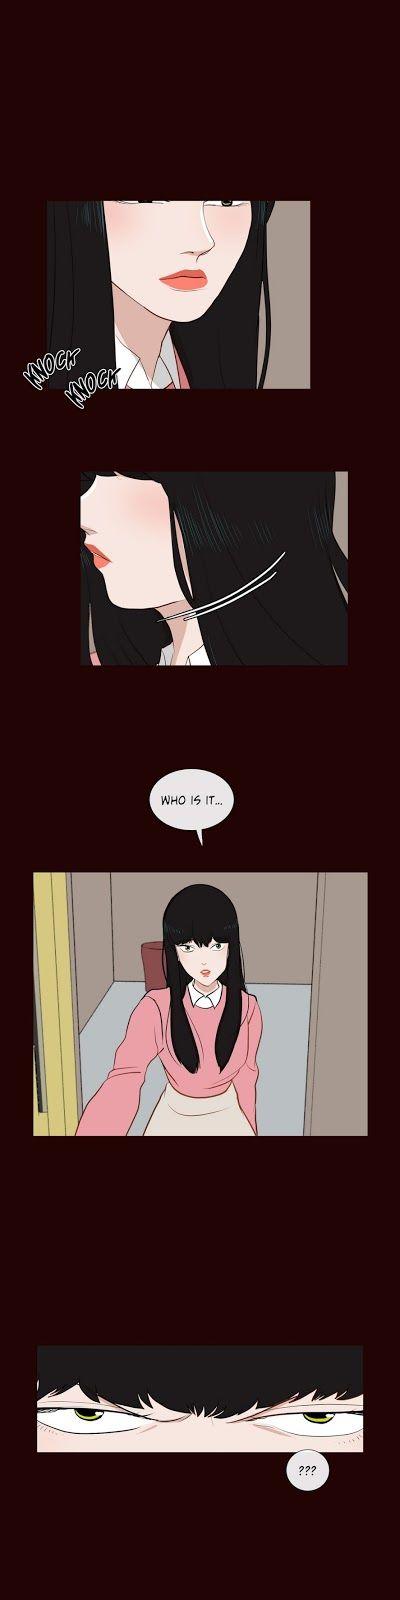 Serenade (keum Kyesoo) - Chapter 5